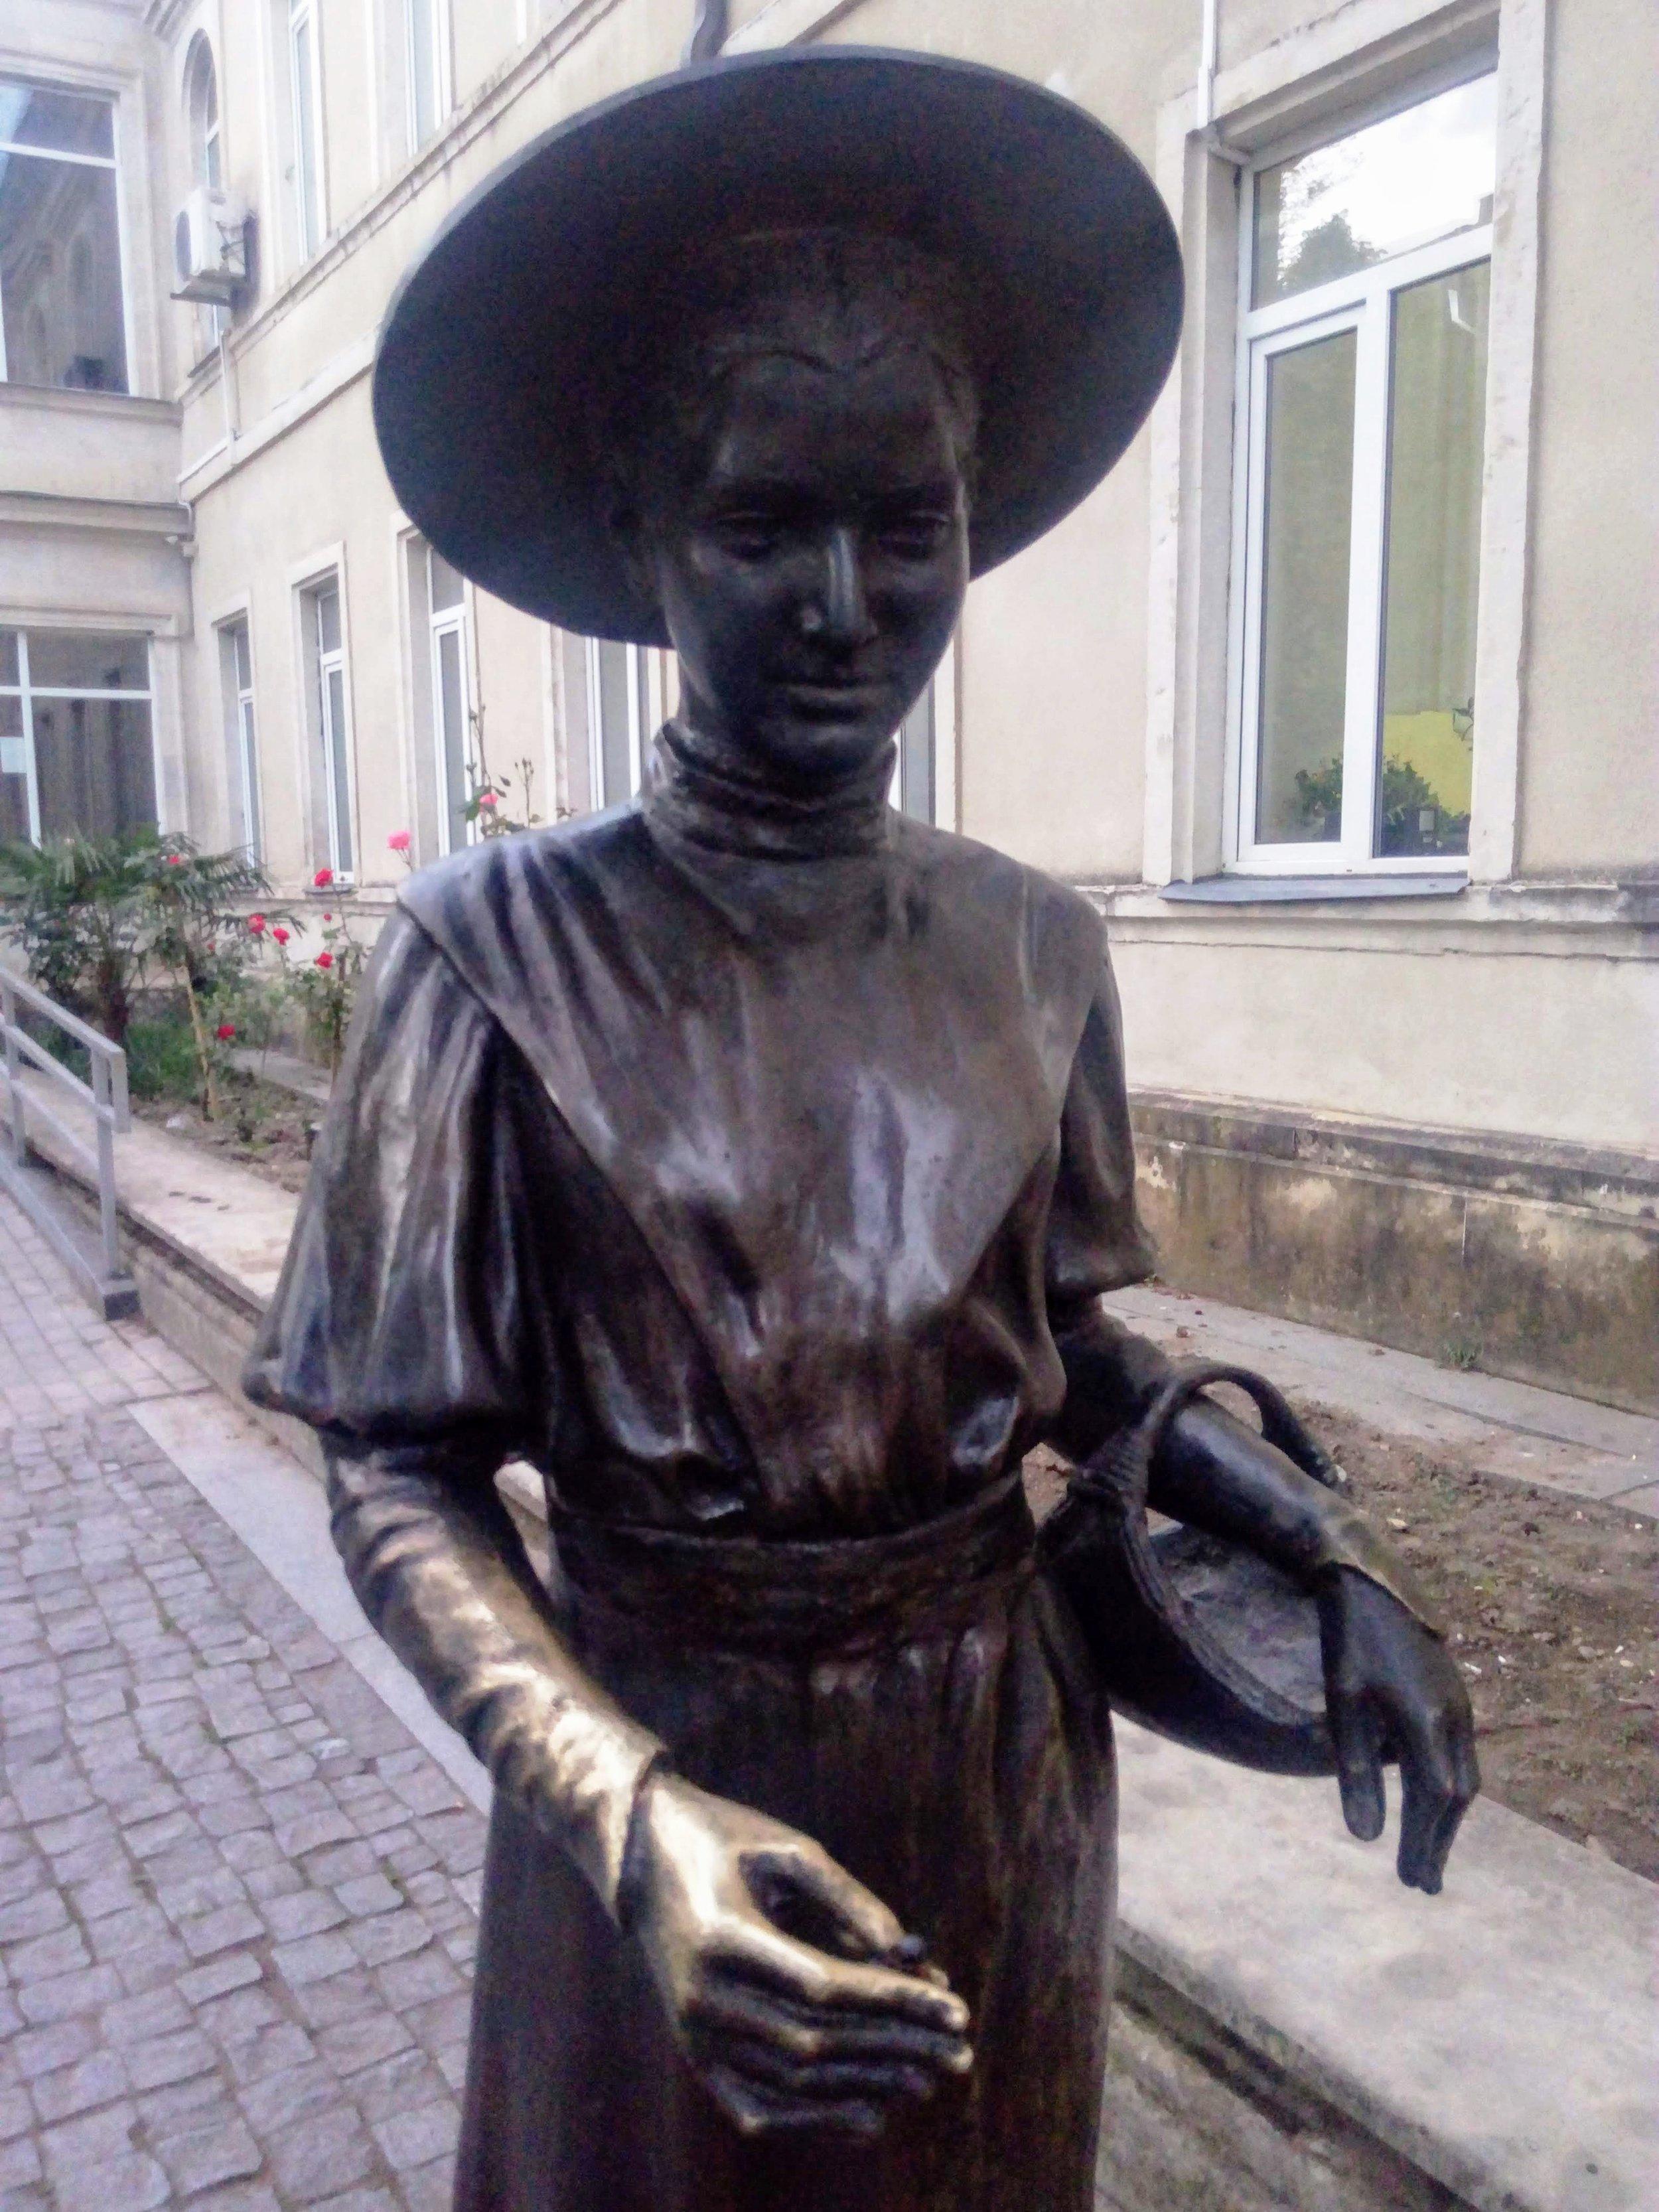 Гимназистка - СЕДЬМОЙ образ. Он отсылает нас в начало ХХ века, когда девочки аристократических семейств собирали пожертвования в пользу больных туберкулёзом. В корзинках у них были цветы. За взнос девочки награждали жертвователей ромашкой, которую прикалывали - мужчинам к пиджакам, дамам к шляпкам. Был такой, говоря по-нынешнему, флешмоб, который пошел из Швеции в 1908 году. Кстати, этот цветок - символ Всемирного дня борьбы с туберкулезом.